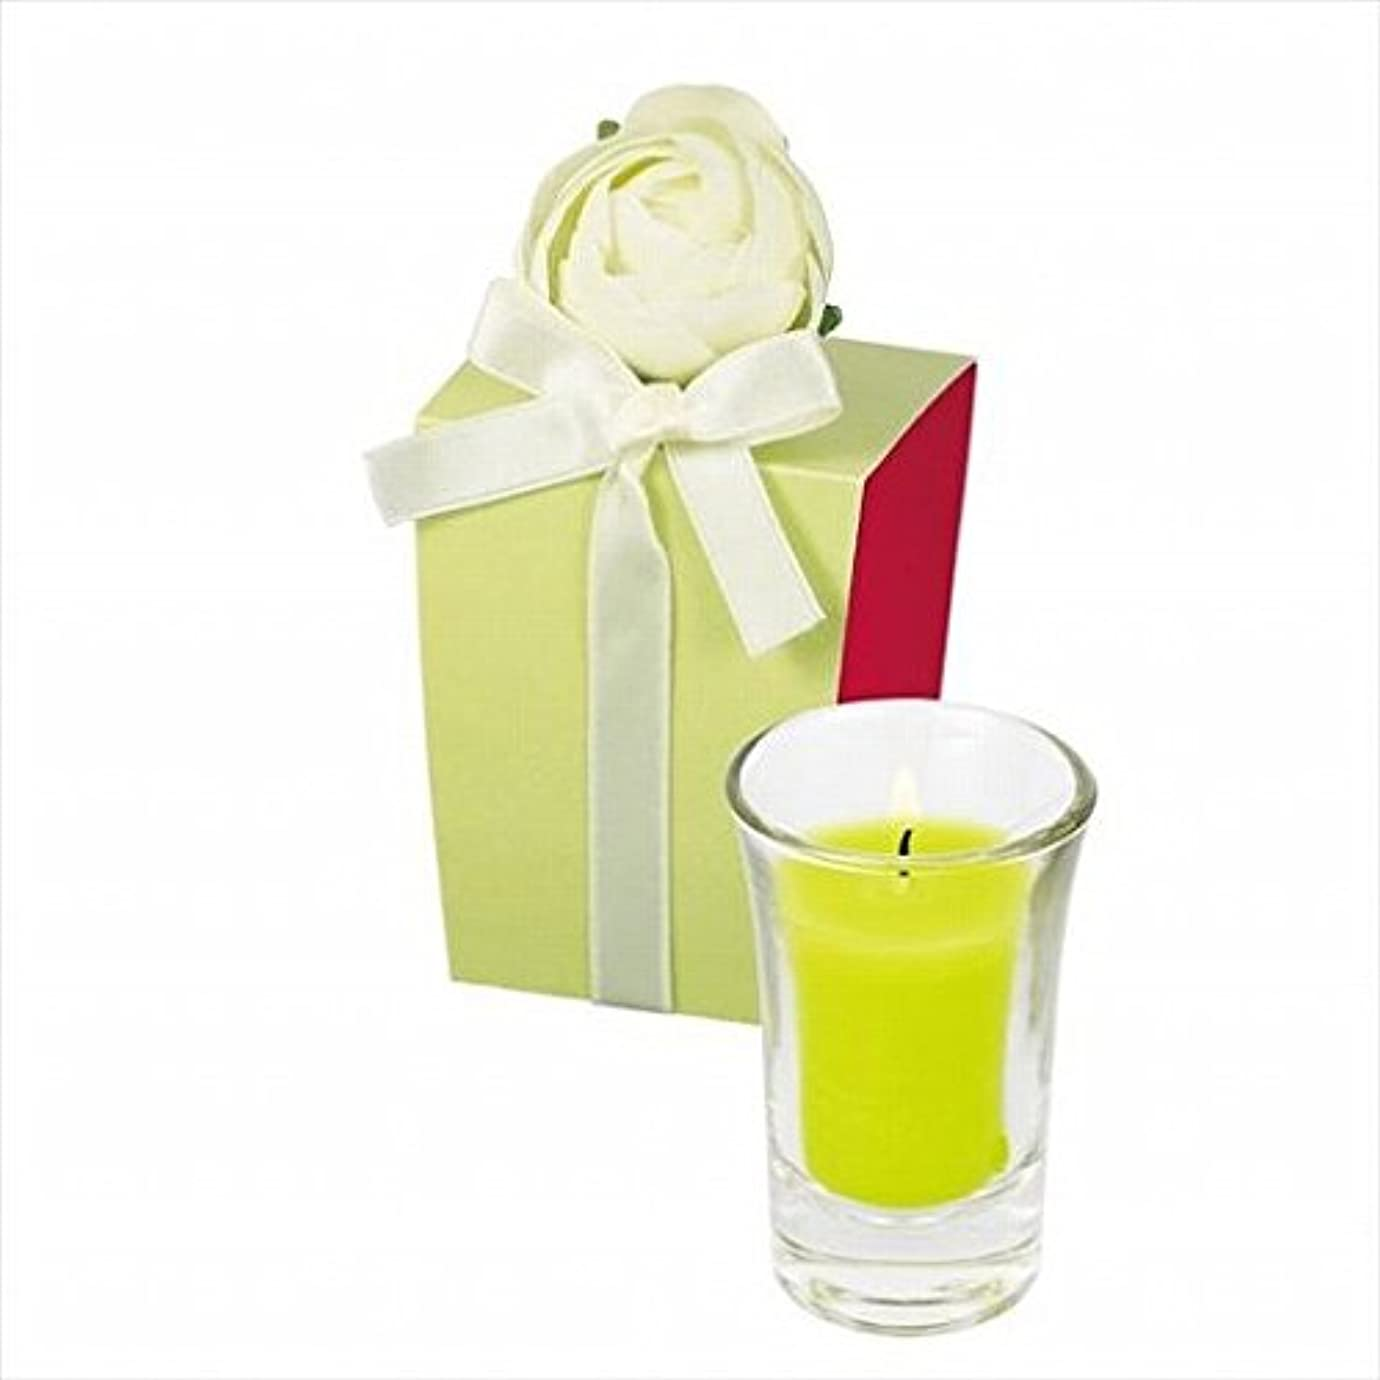 忘れっぽいタイピストのホストkameyama candle(カメヤマキャンドル) ラナンキュラスグラスキャンドル 「 ライトグリーン 」(A9390500LG)